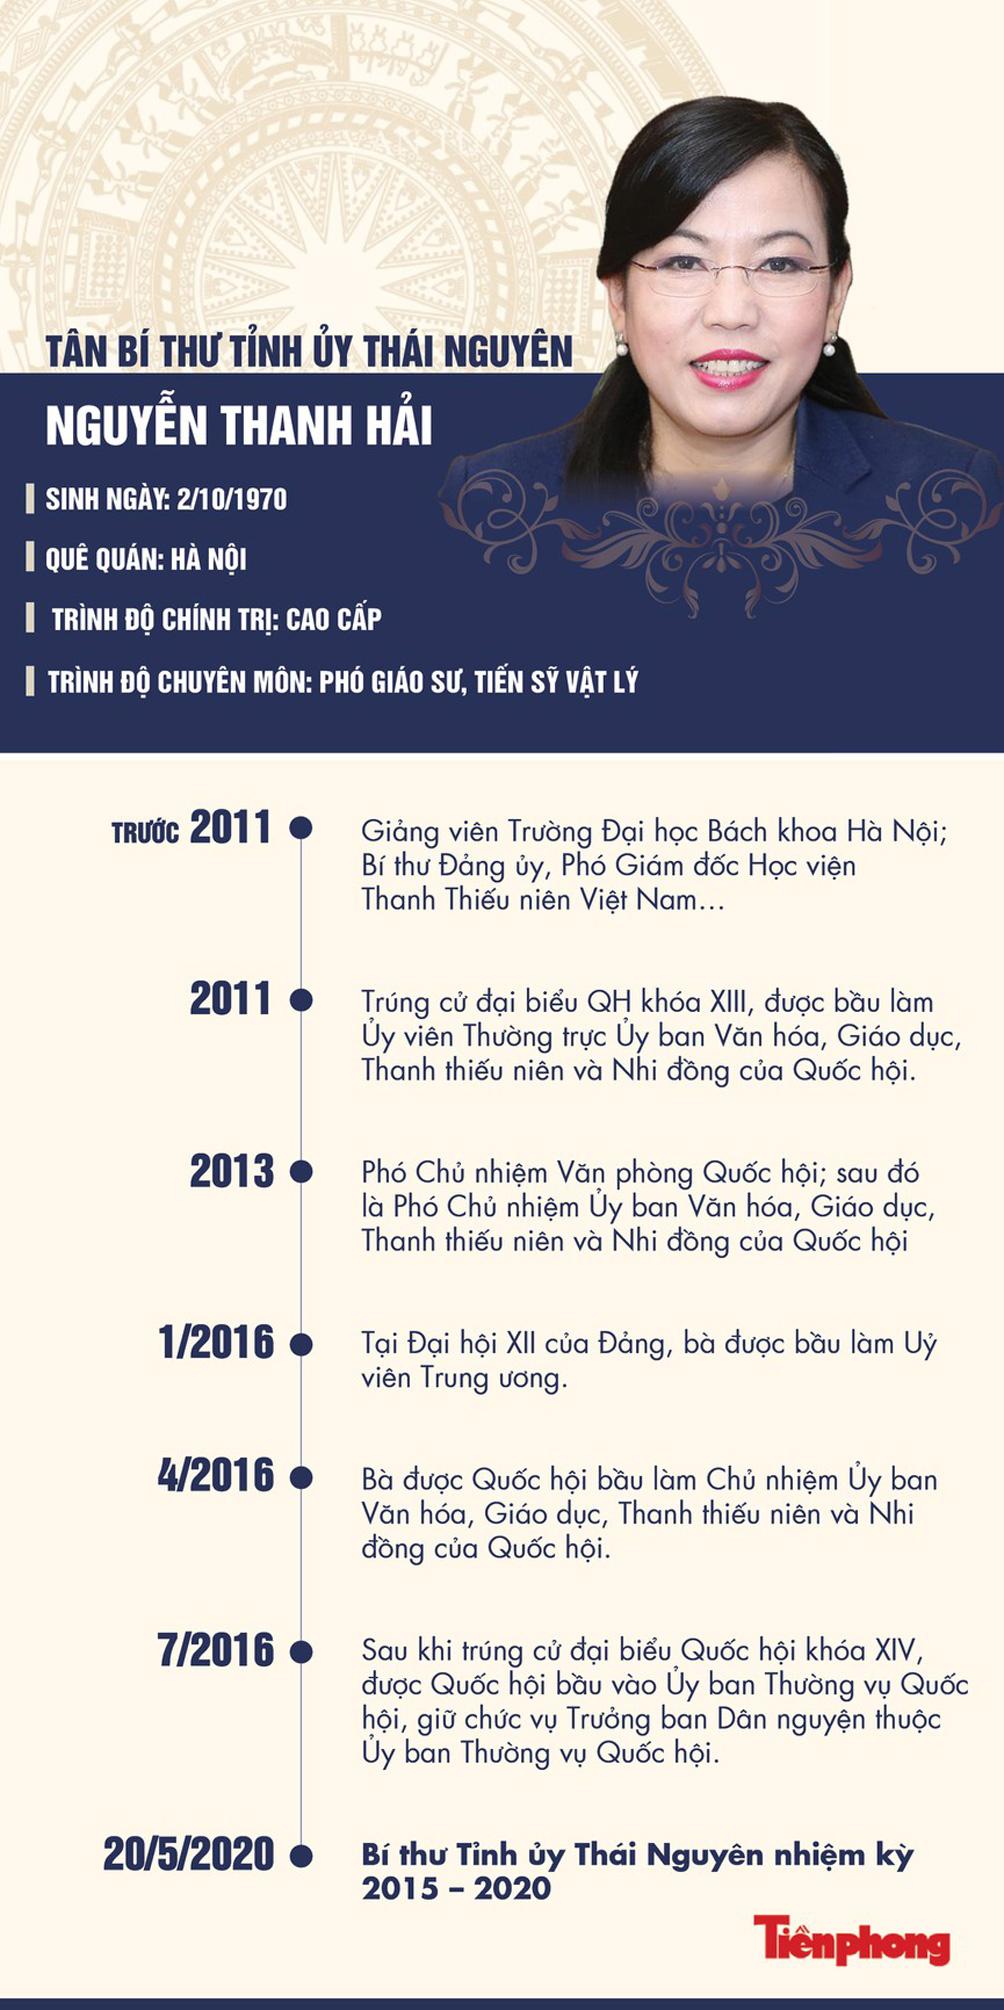 Chân dung tân Bí thư Tỉnh uỷ Thái Nguyên Nguyễn Thanh Hải - 1